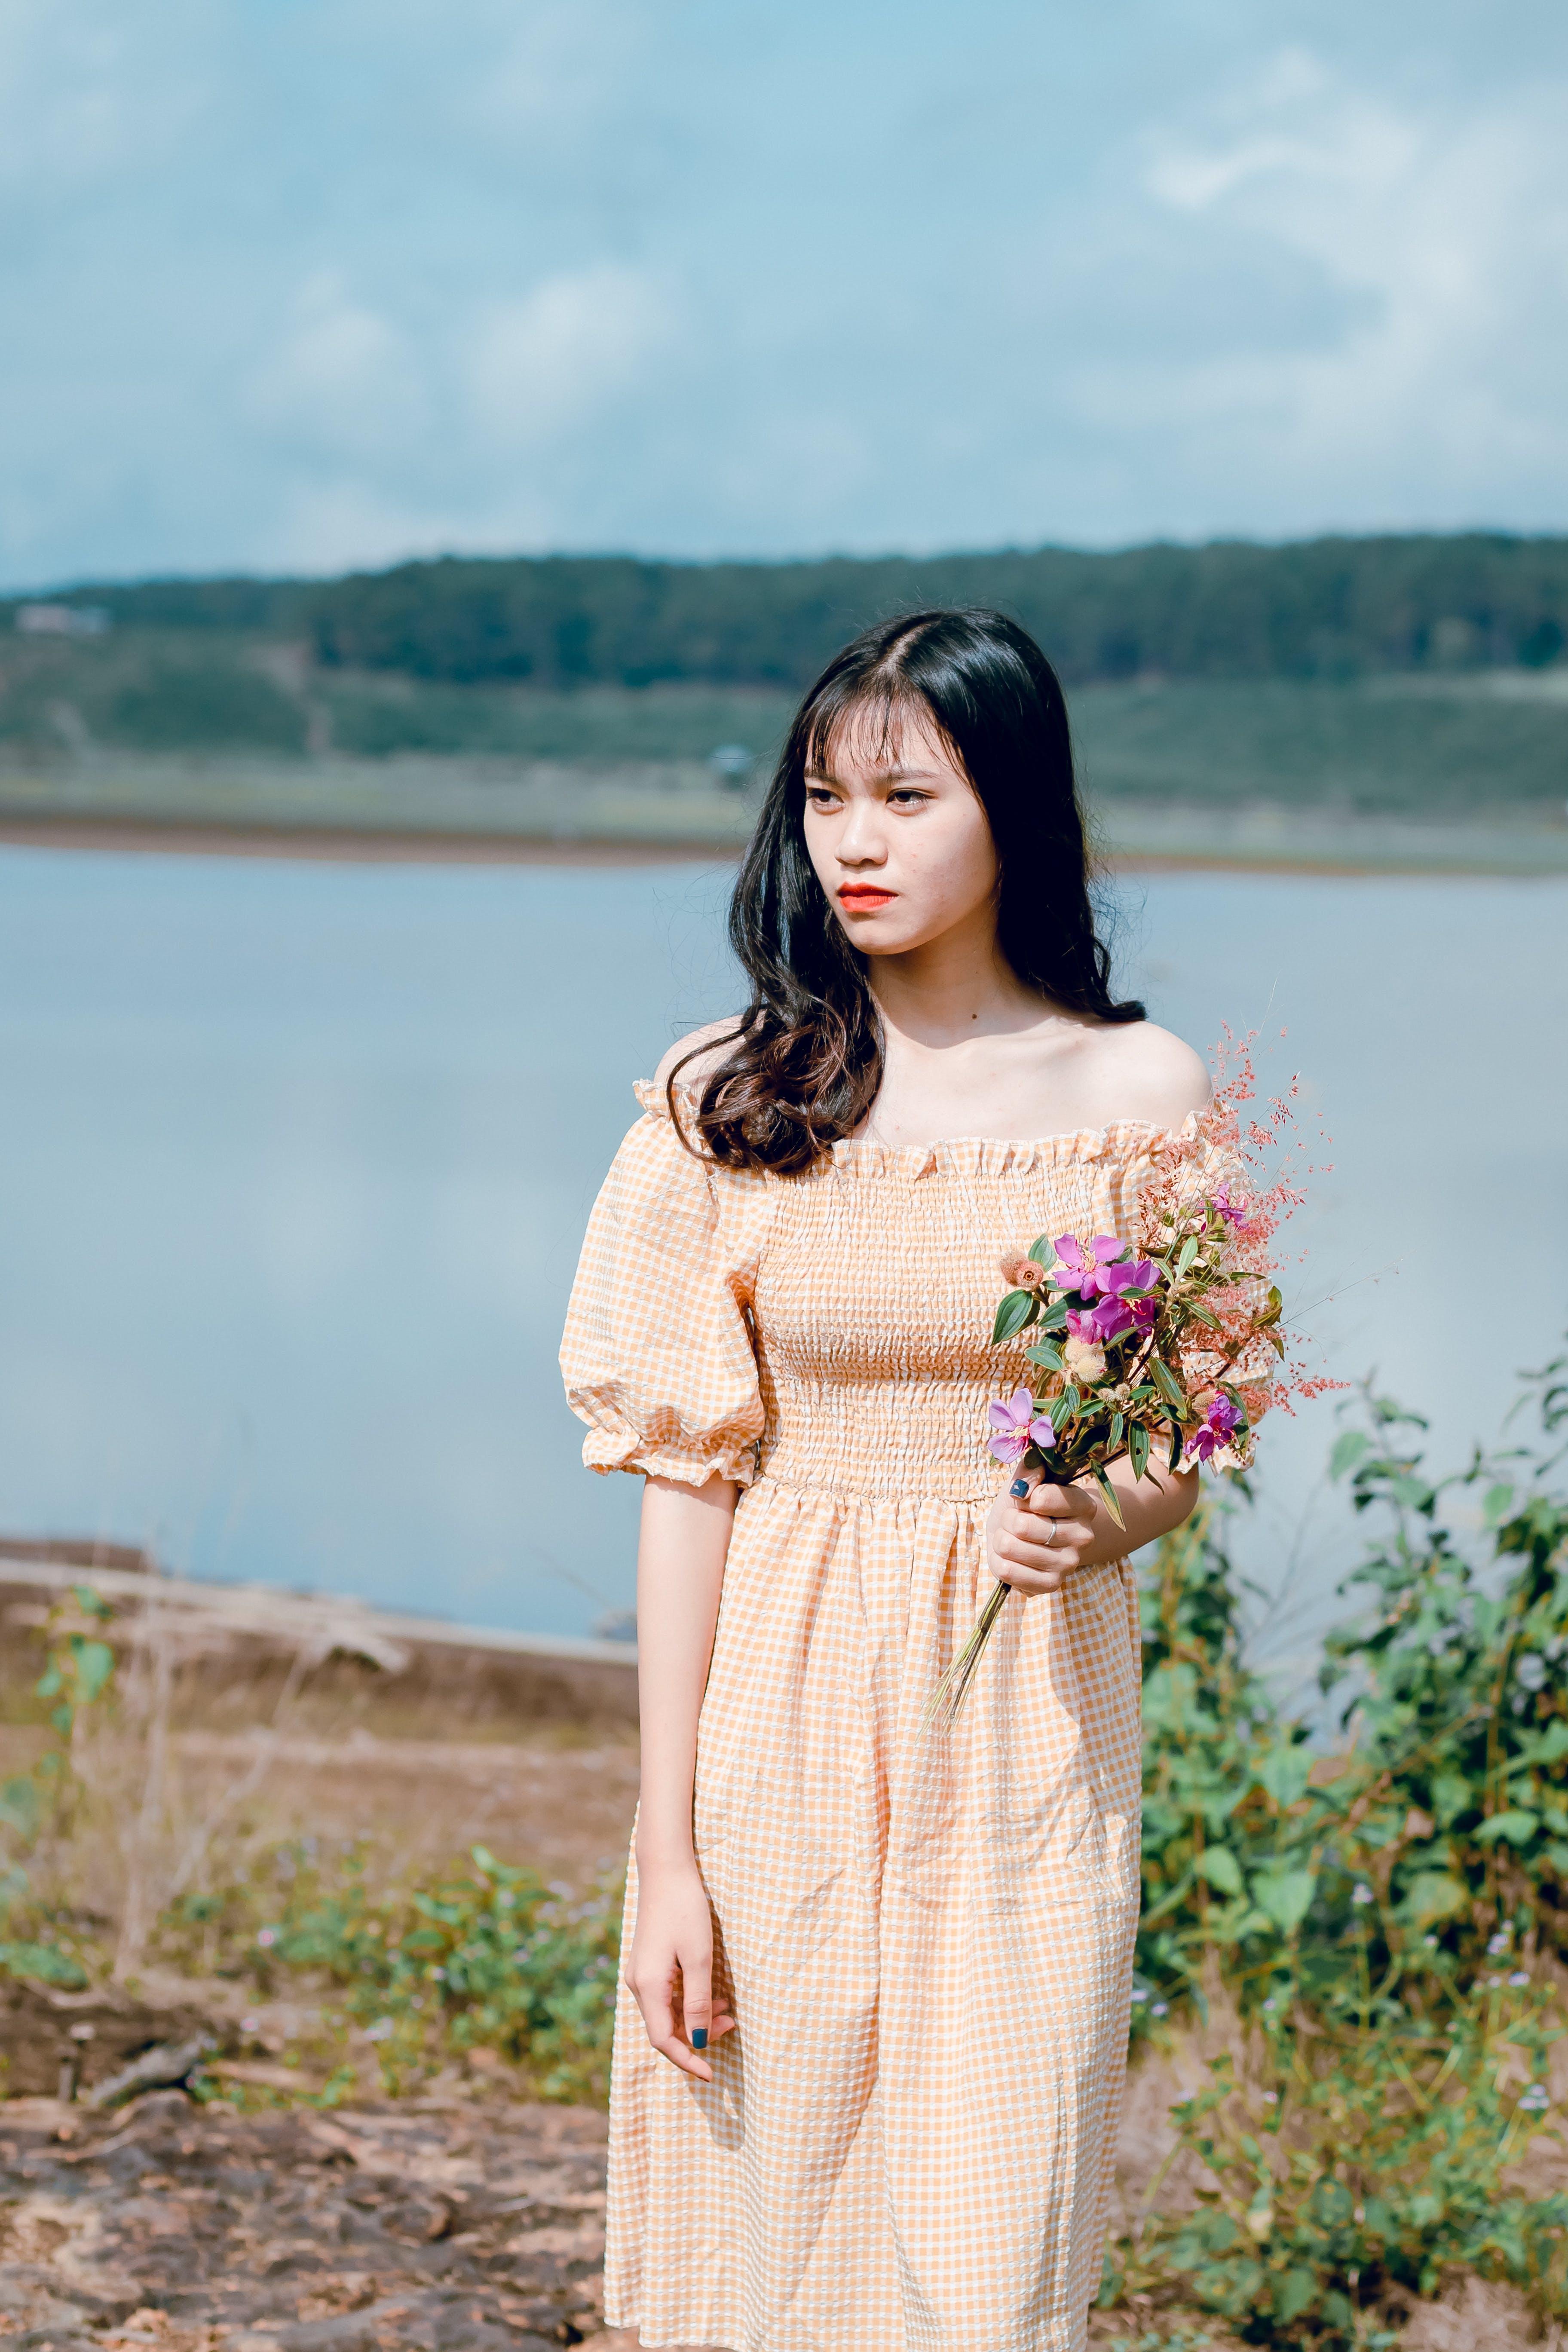 Gratis lagerfoto af asiatisk kvinde, Asiatisk pige, fritid, glæde